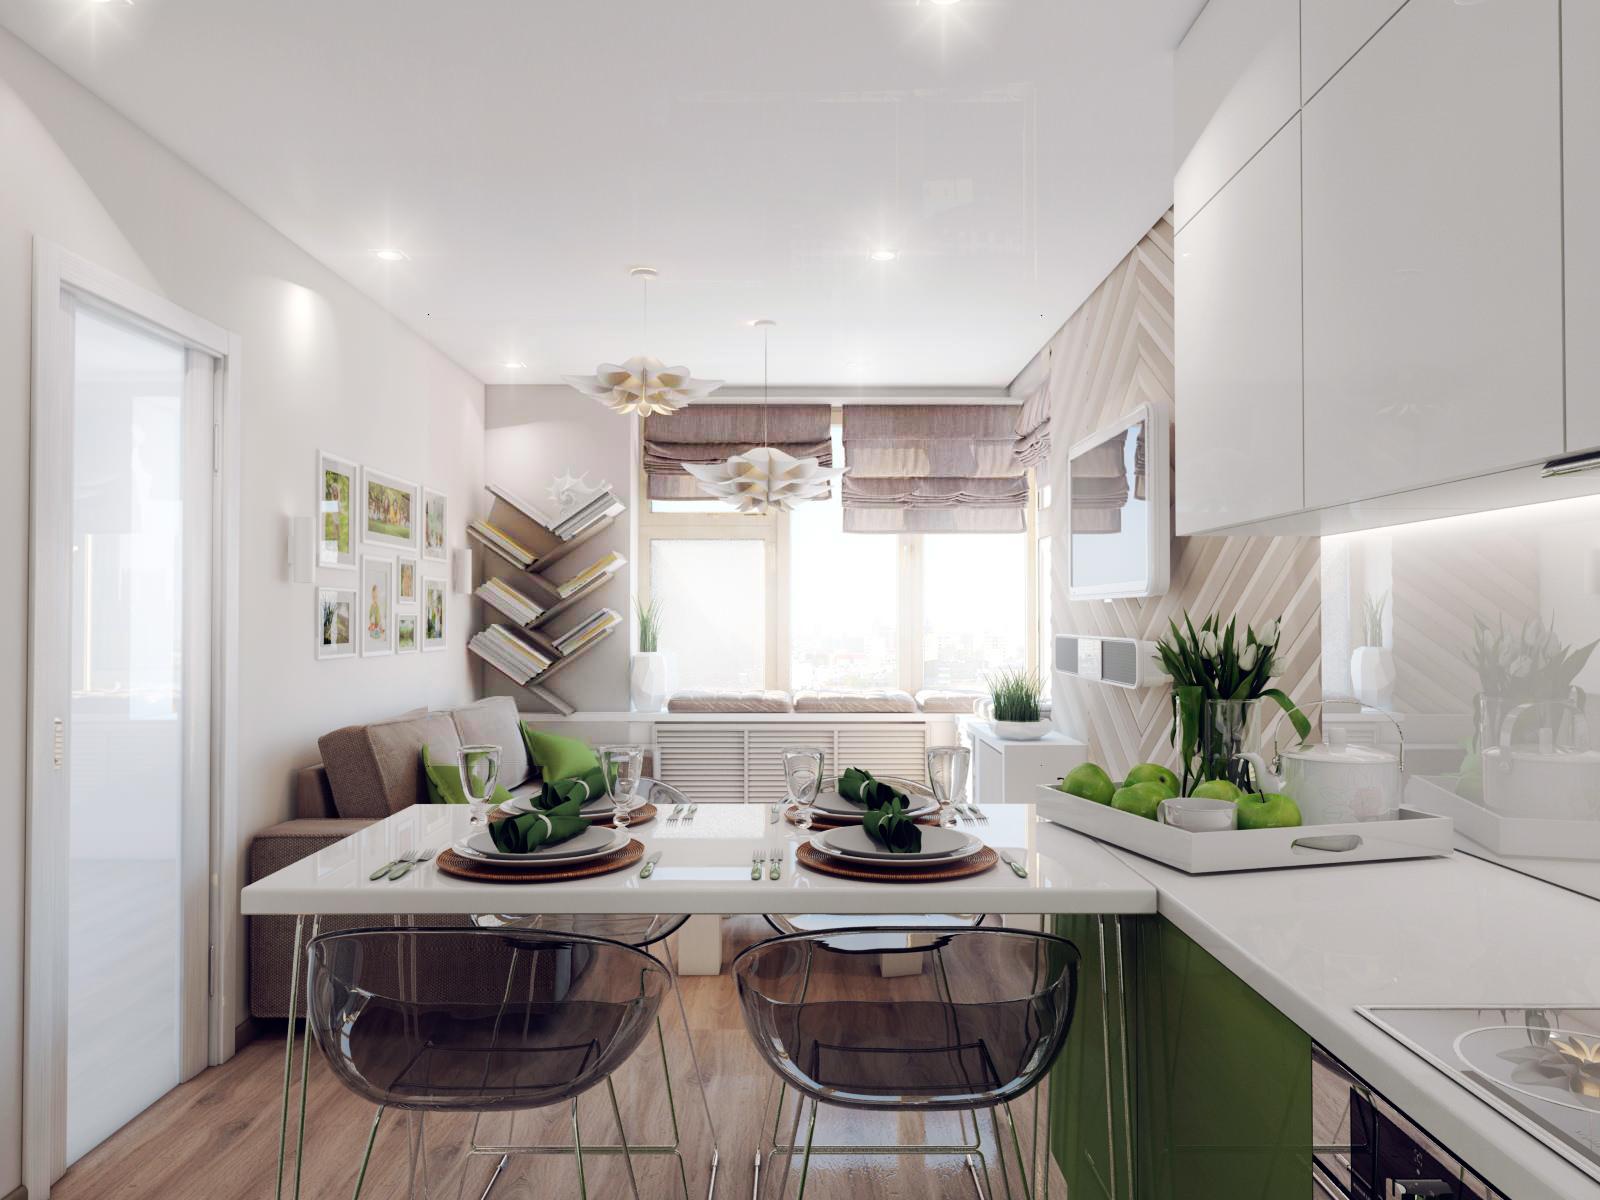 Разделение кухни и гостиной при помощи стола